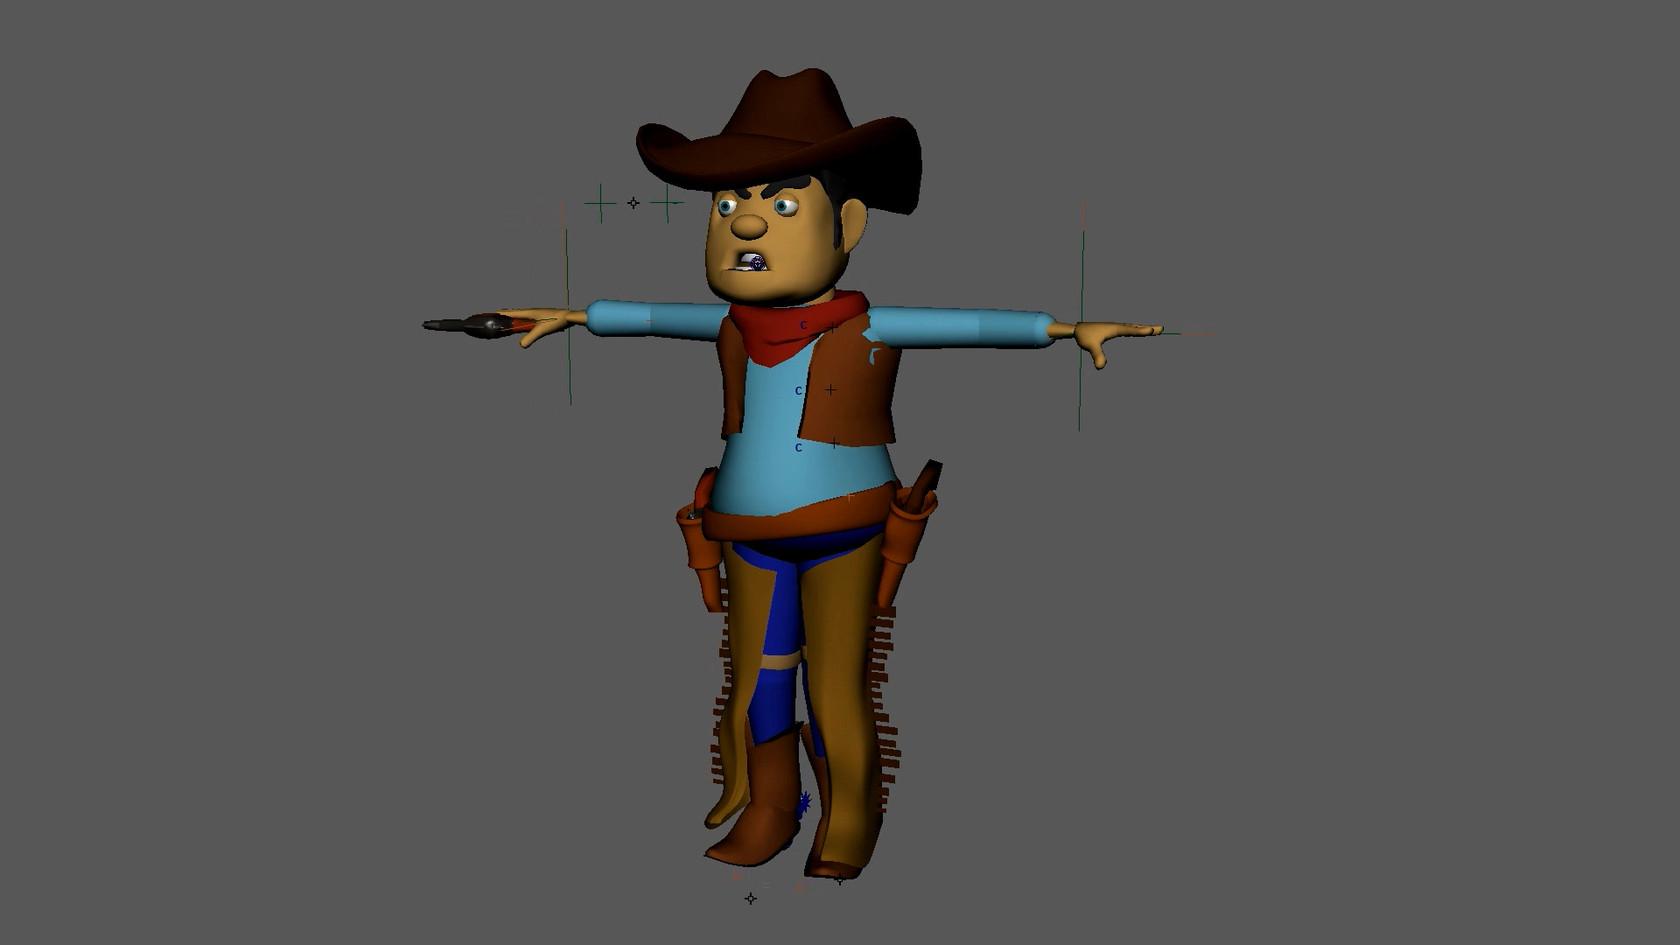 Cowboy_Turntables.mov